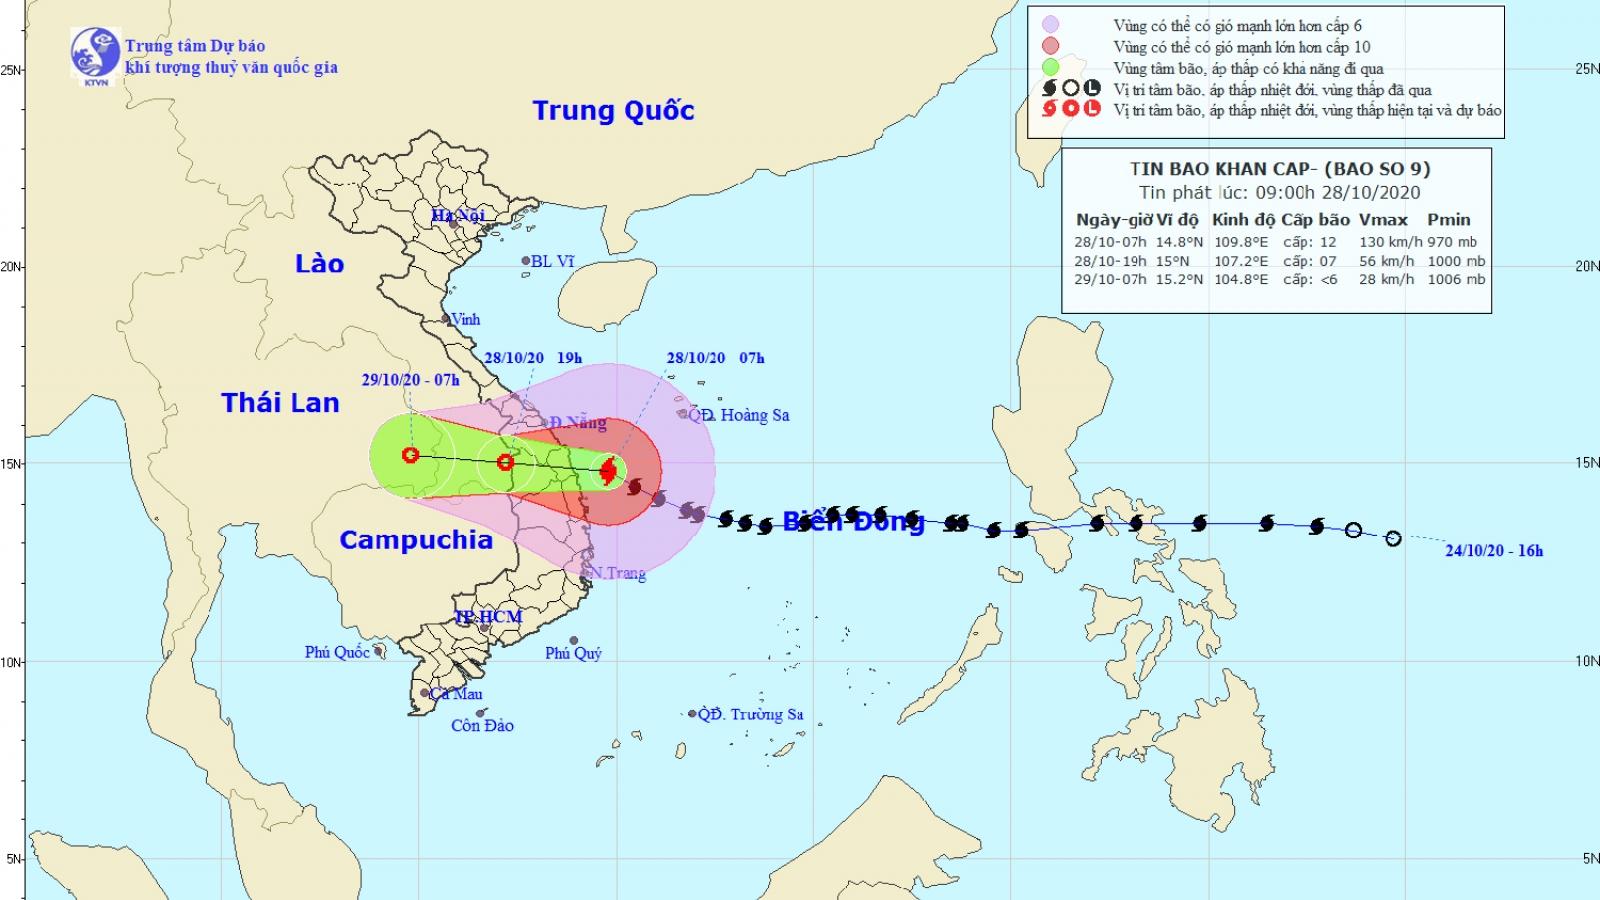 Bão số 9 đã giảm cấp khi đi vào vùng biển các tỉnh từ Quảng Nam đến Bình Định